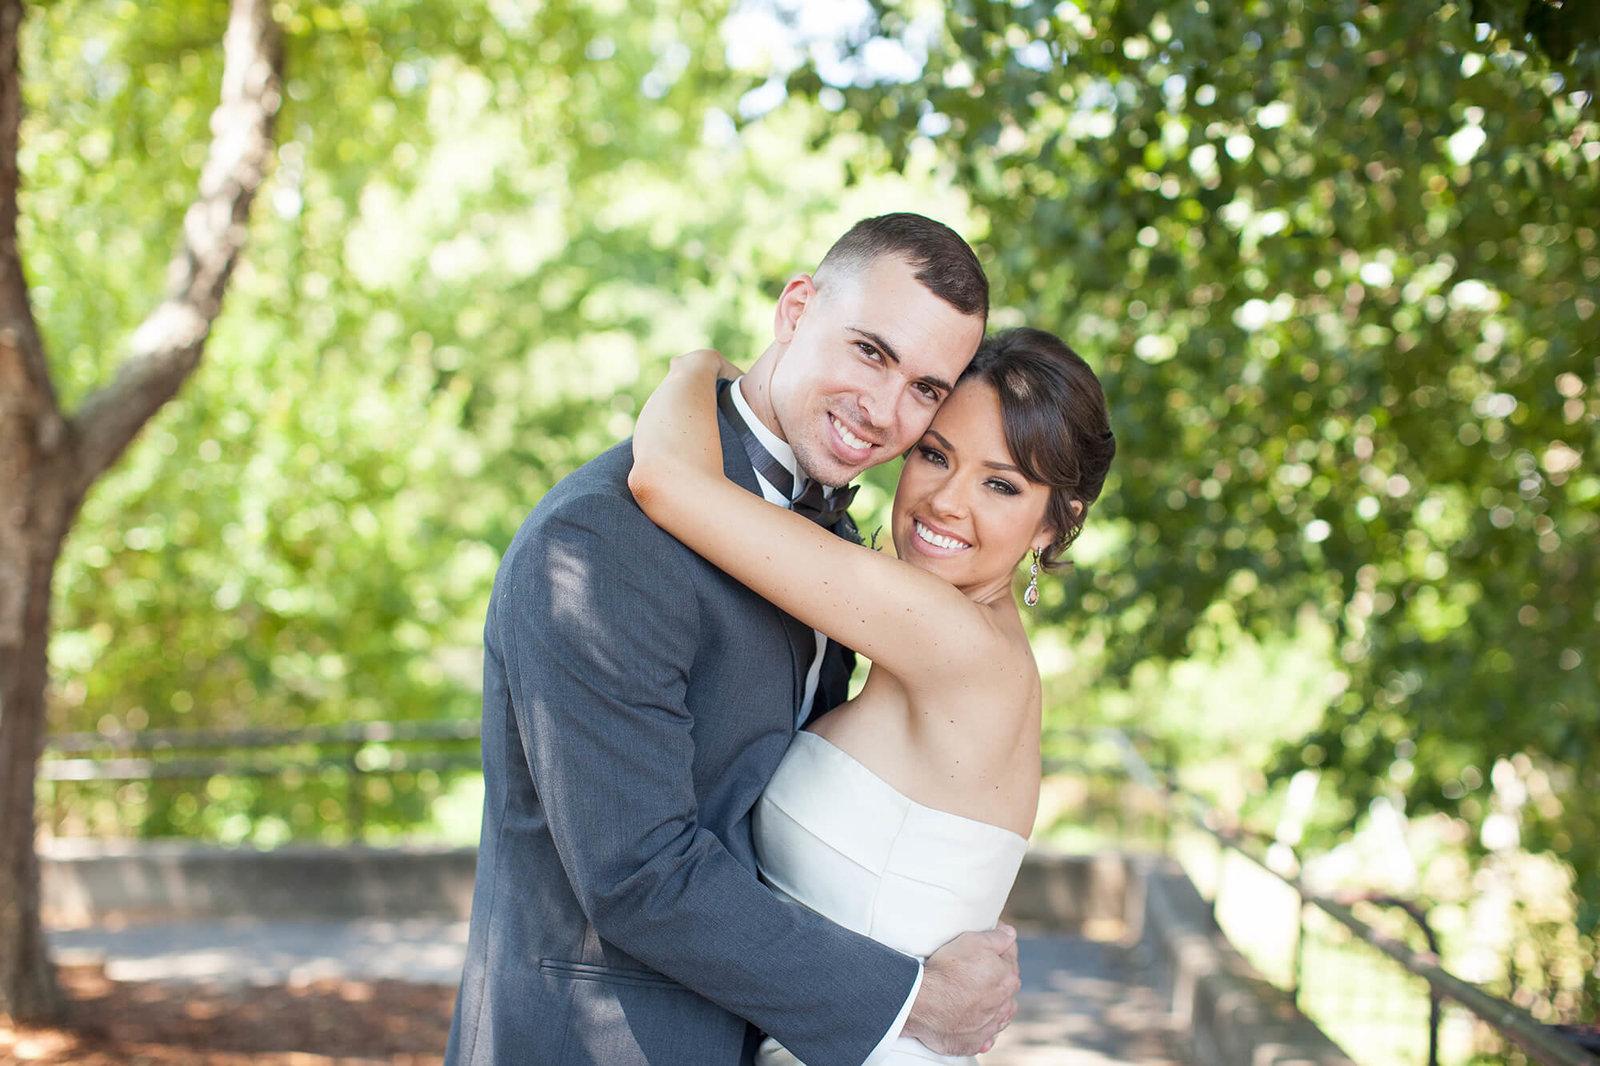 CokerElopment_JessicaHuntPhotography_SCWeddingPhotography_WeddingDay_2015-207